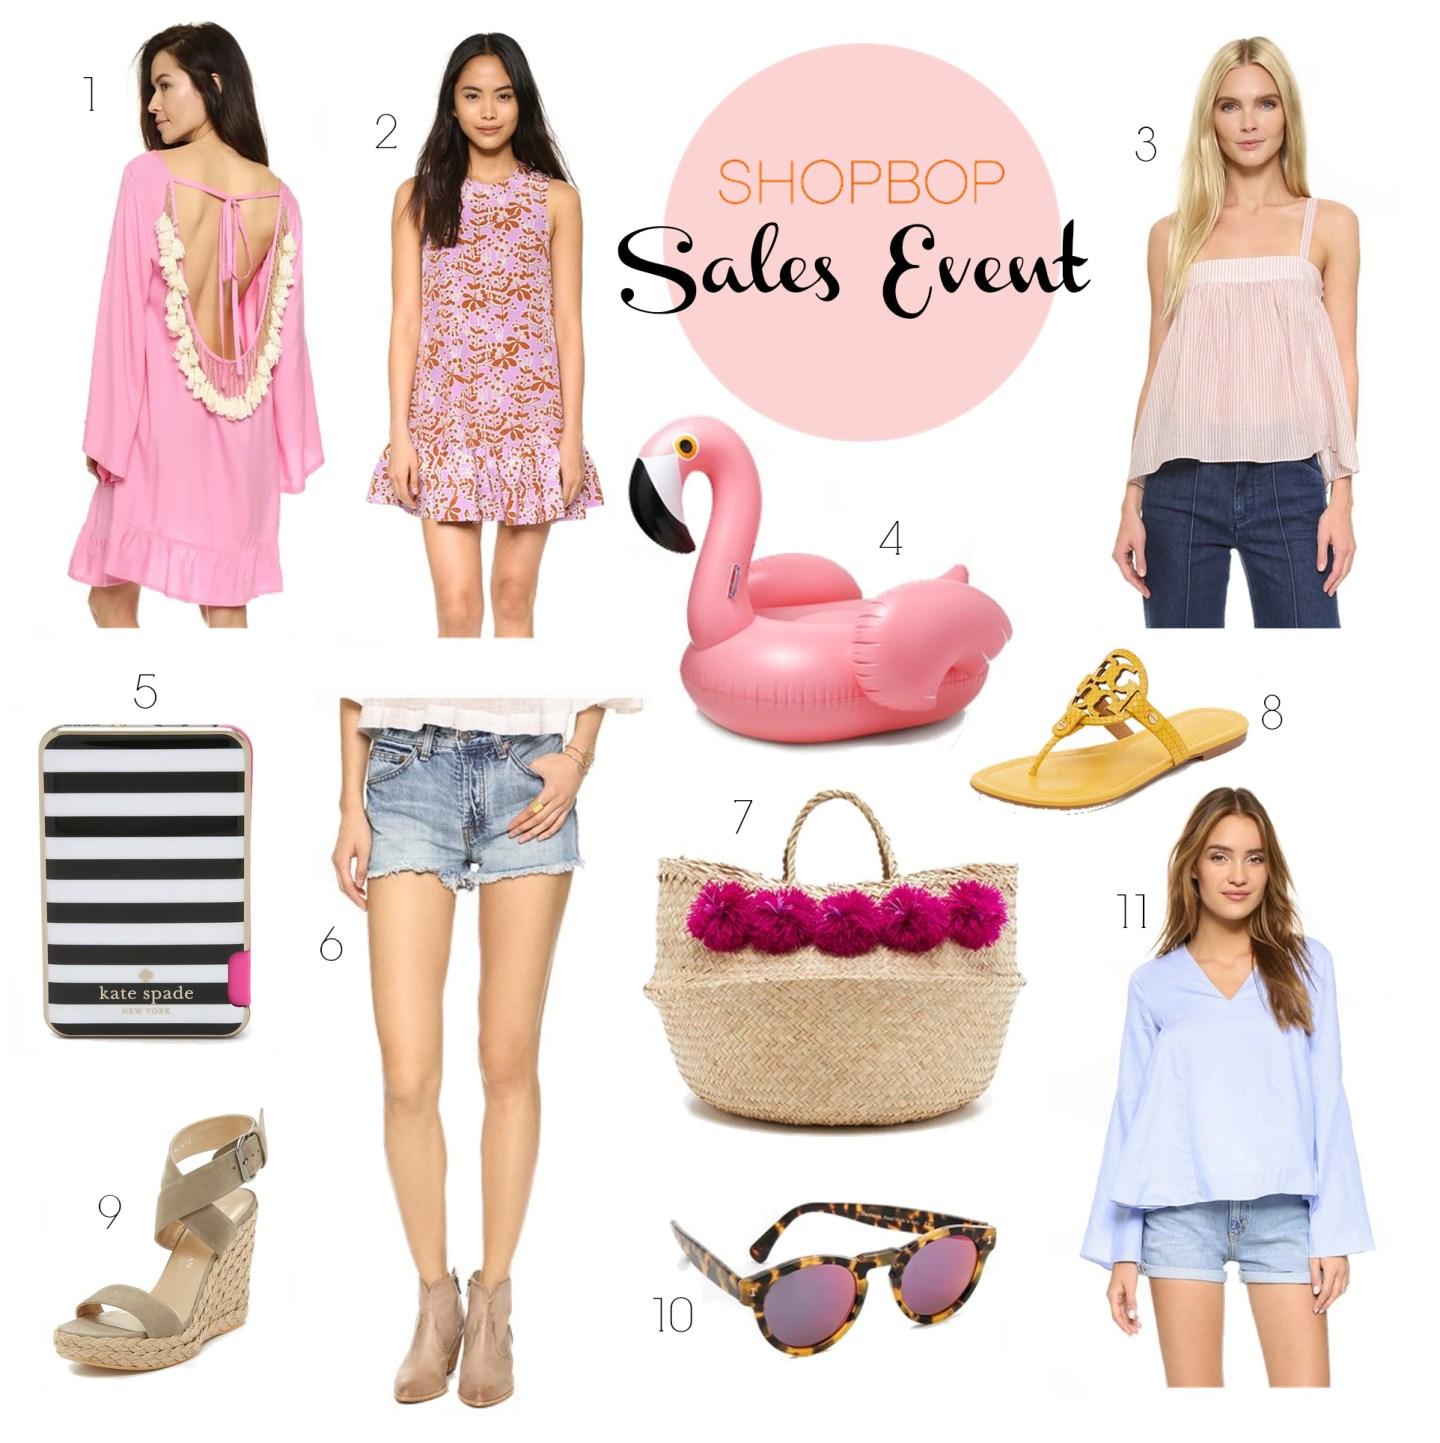 ShopBop Sales Event